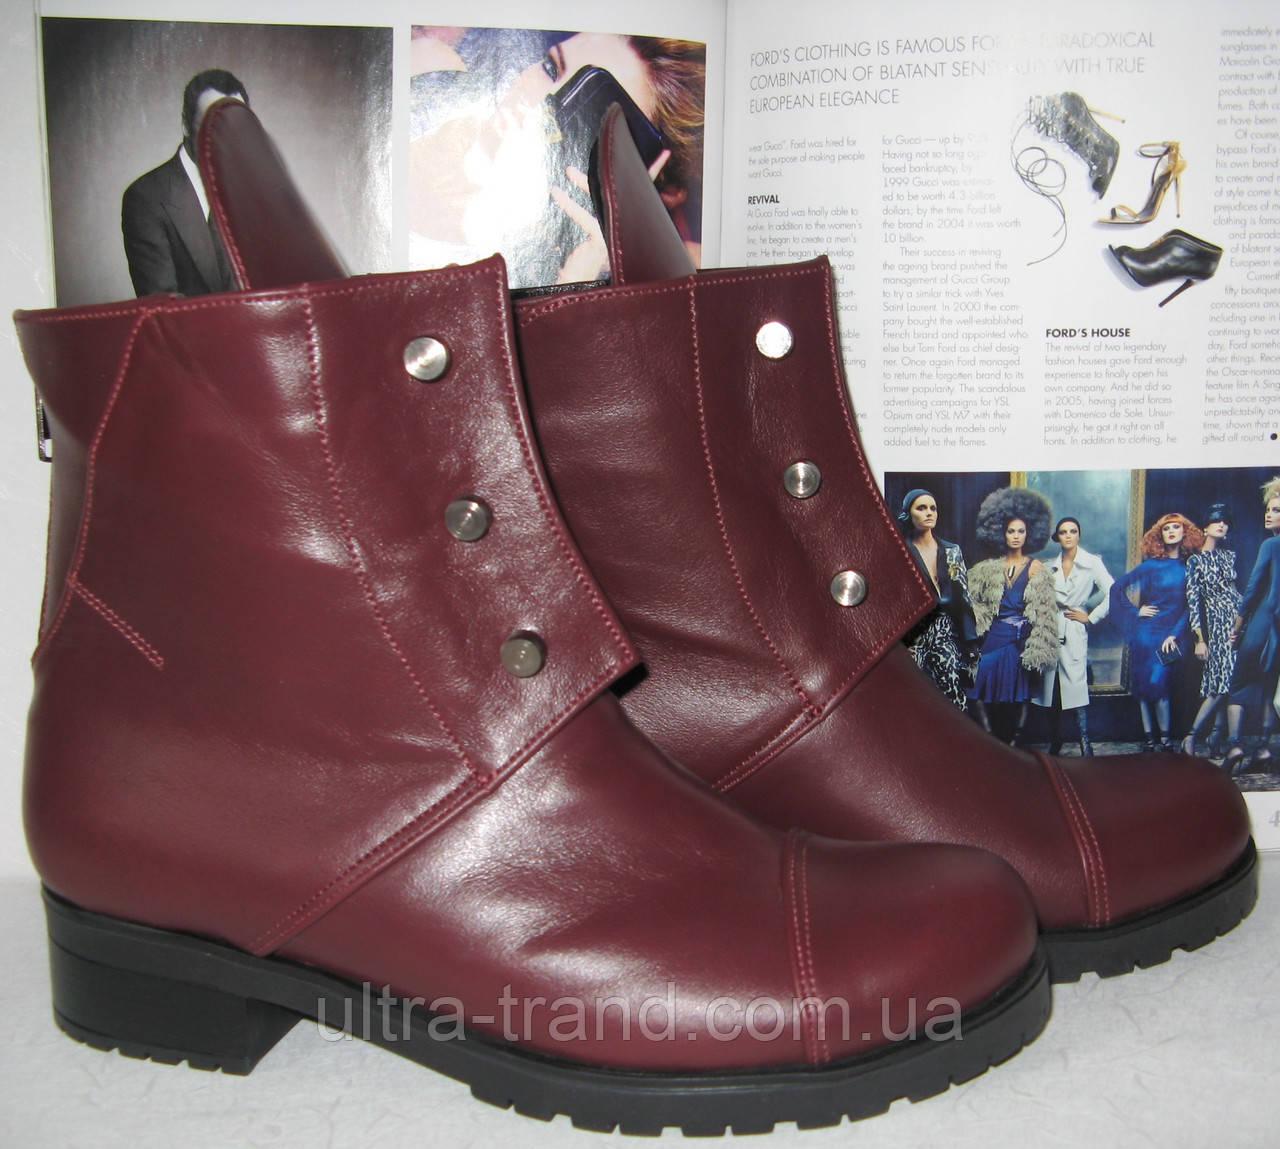 Кожаные женские зимние ботинки Hermes болты цвет марсала